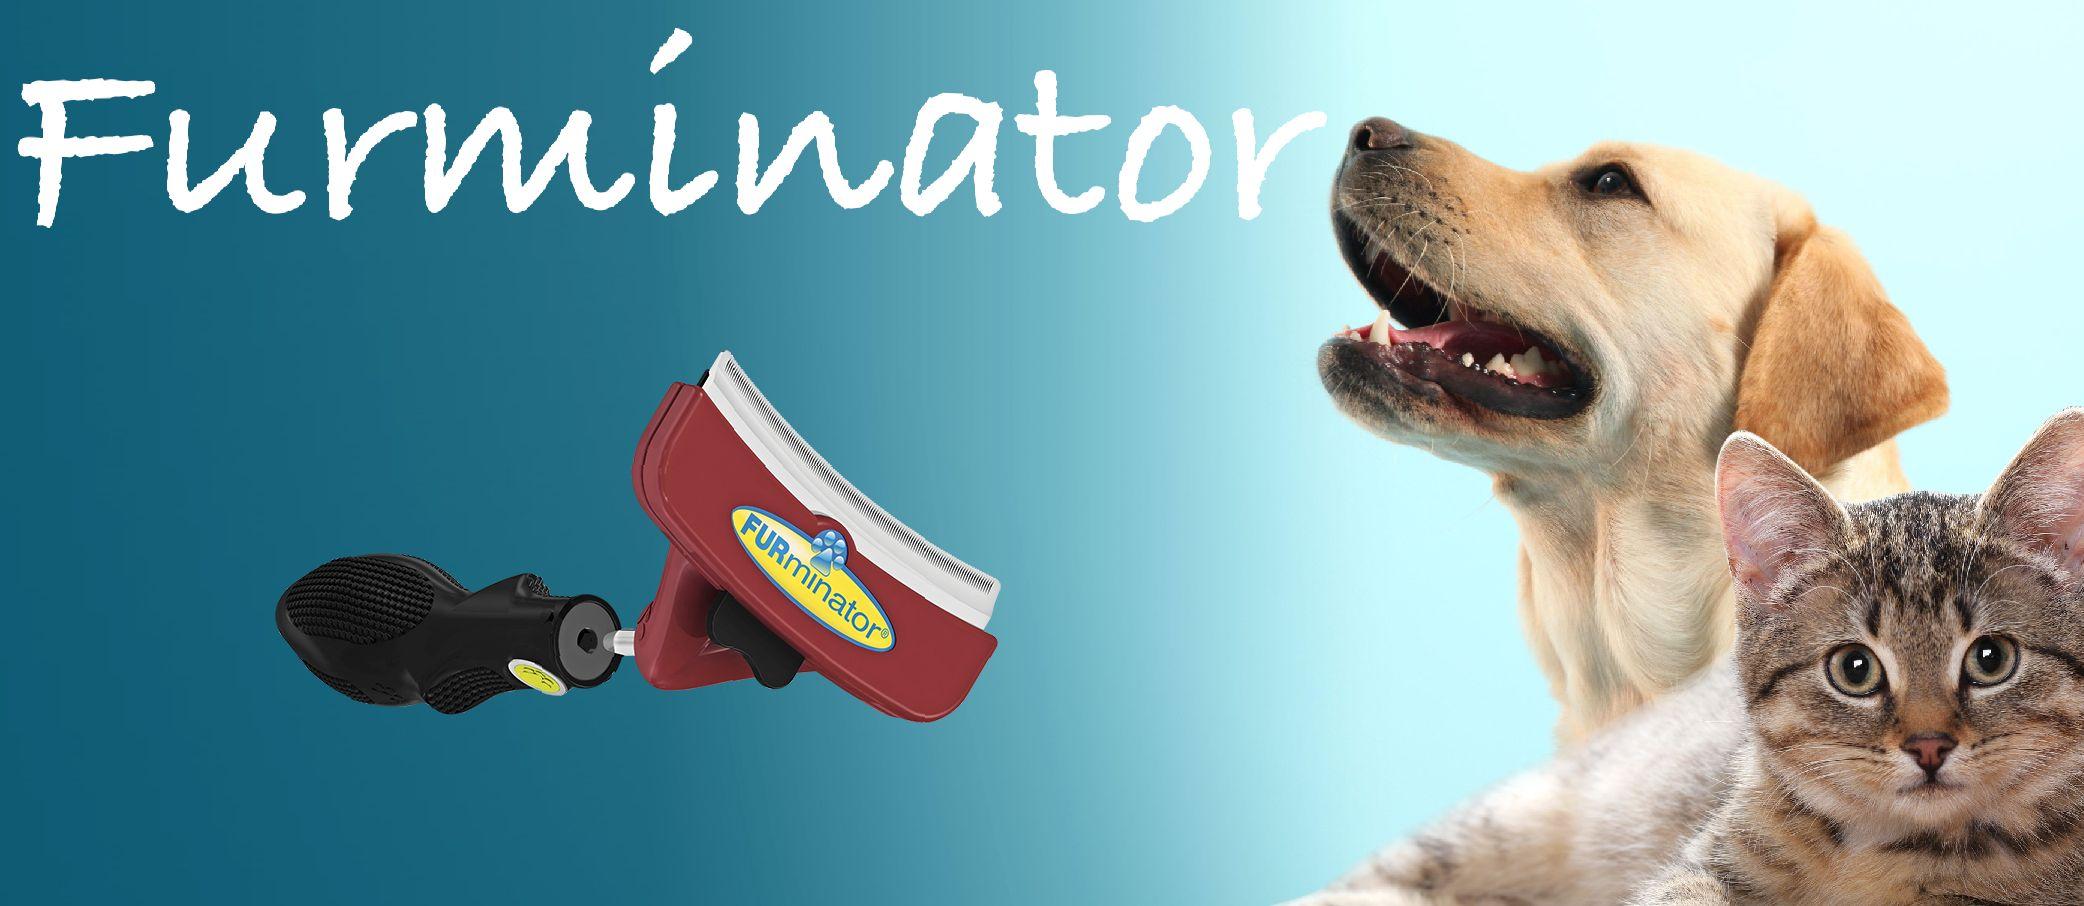 Furminator Spazzola Cani Gatti Migliori Recensioni Opinione Prezzo